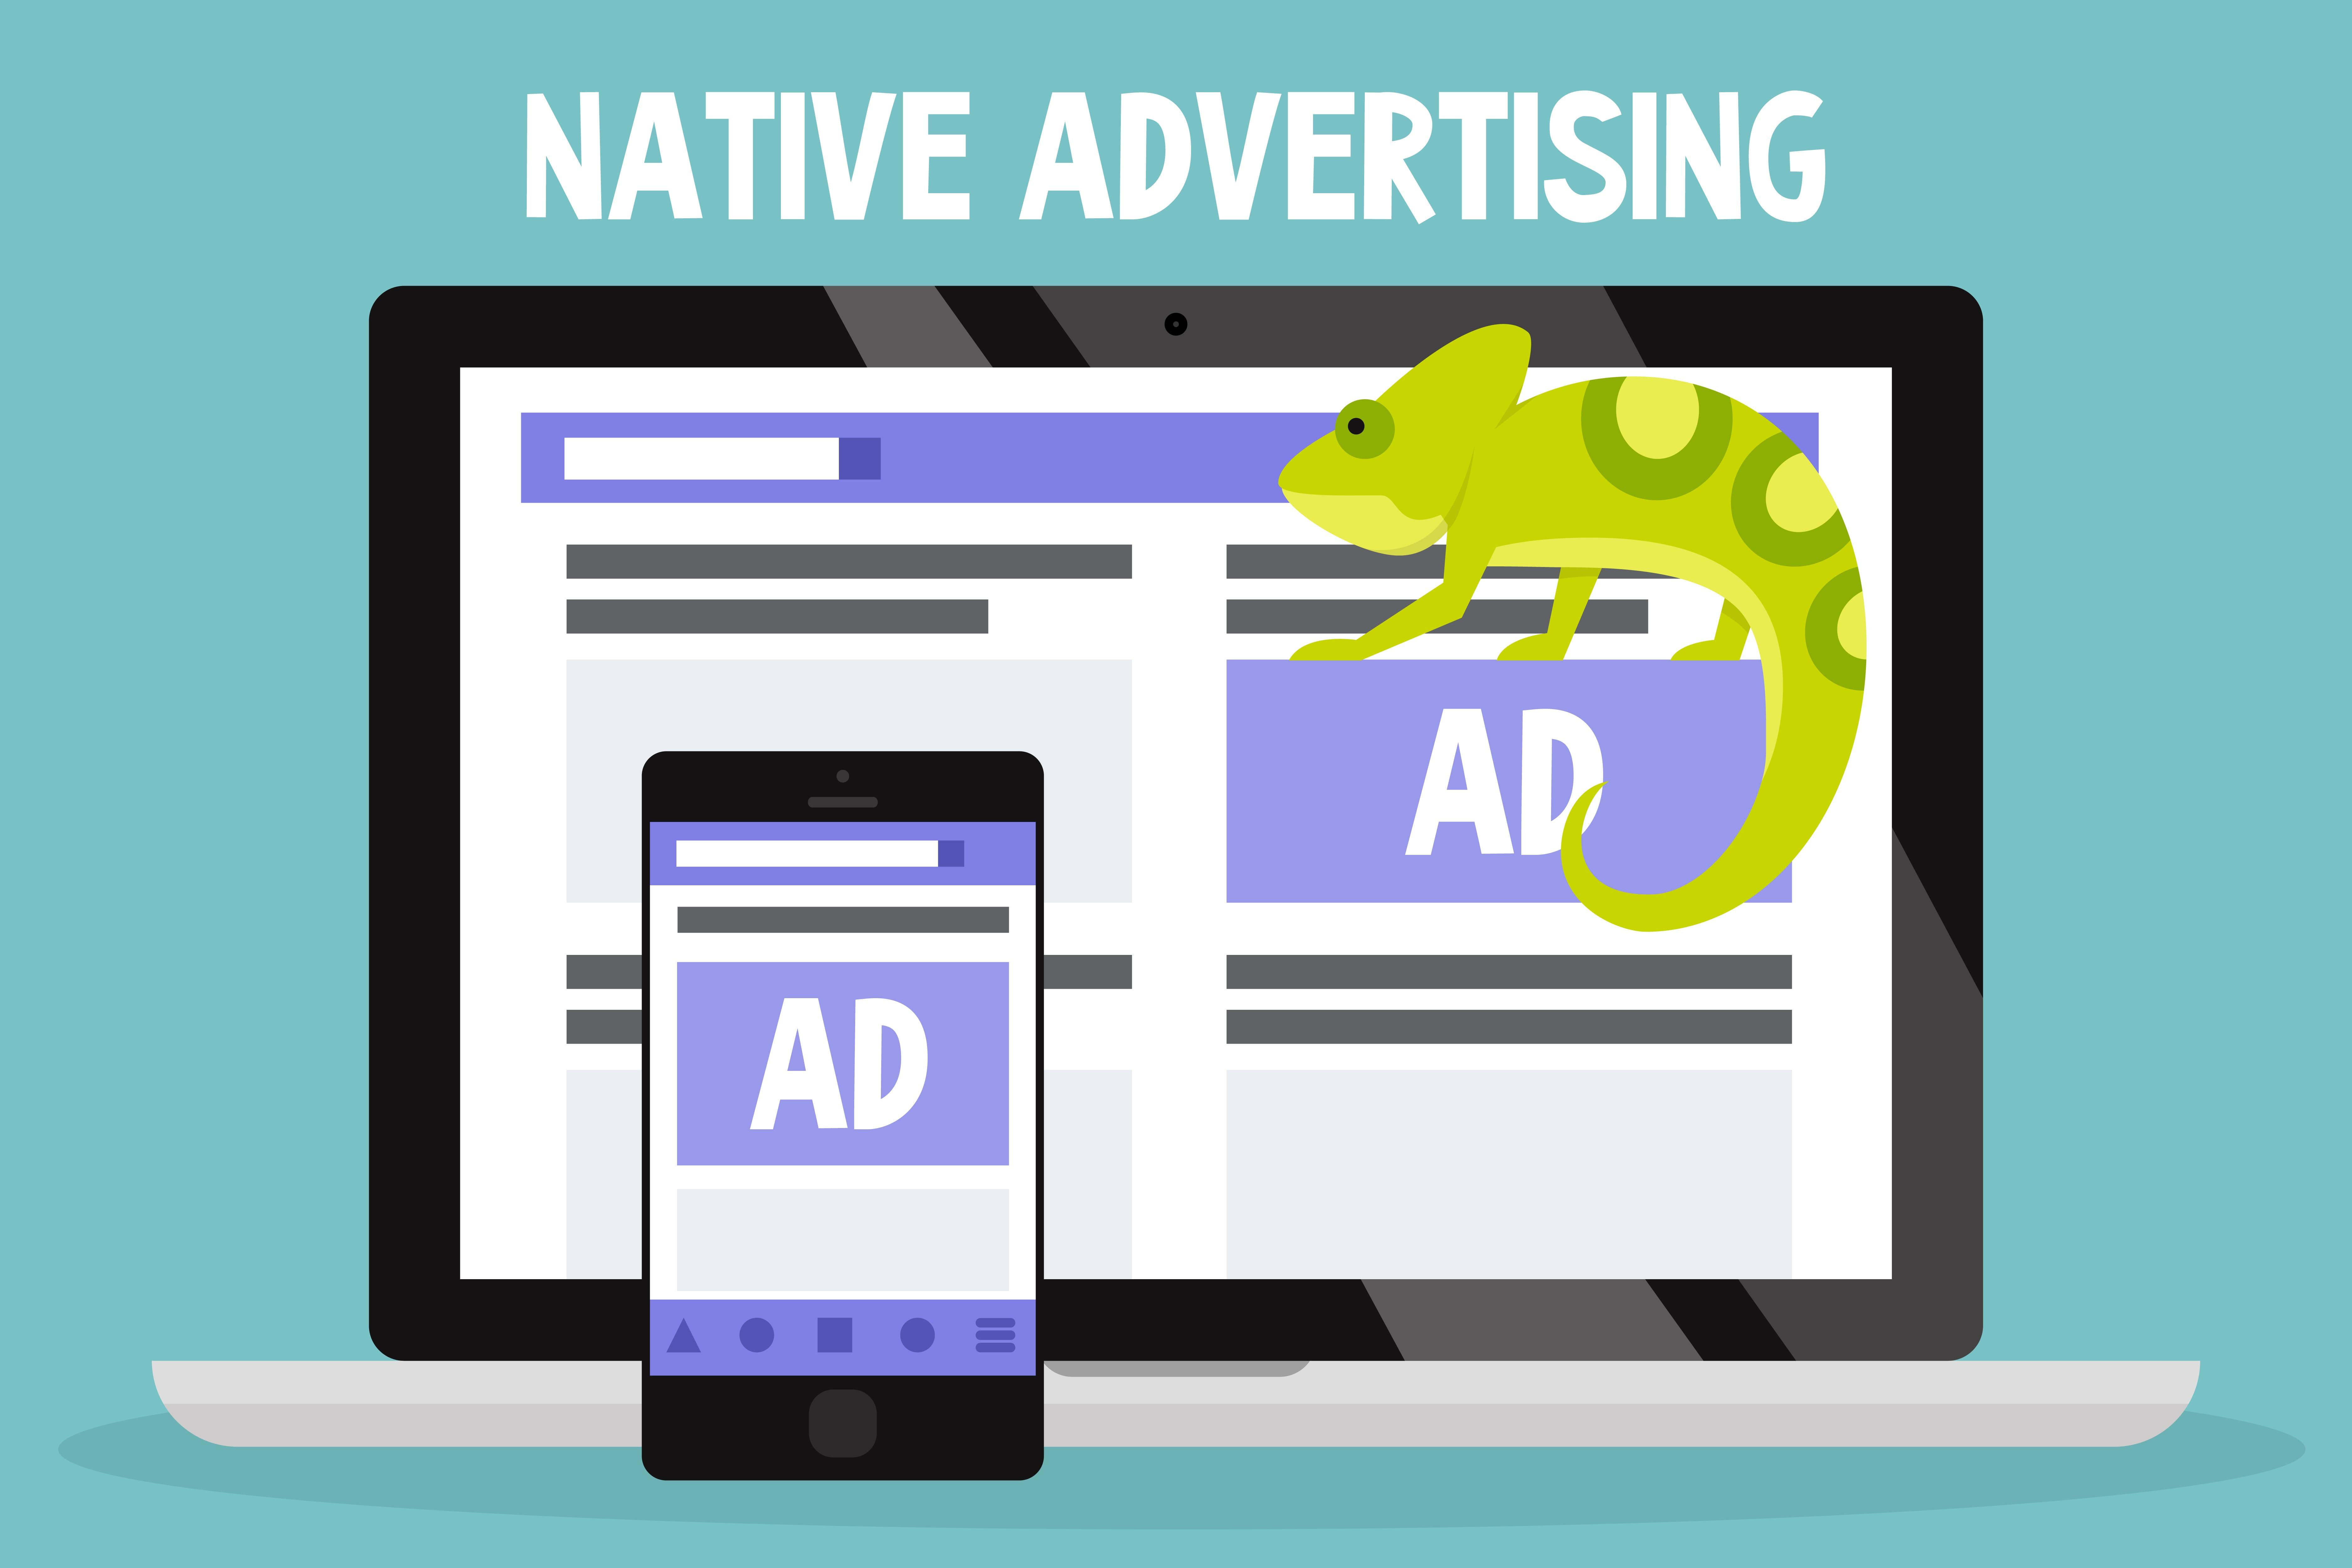 Imagem de um camaleão para remeter ao Native Ads abordado no texto